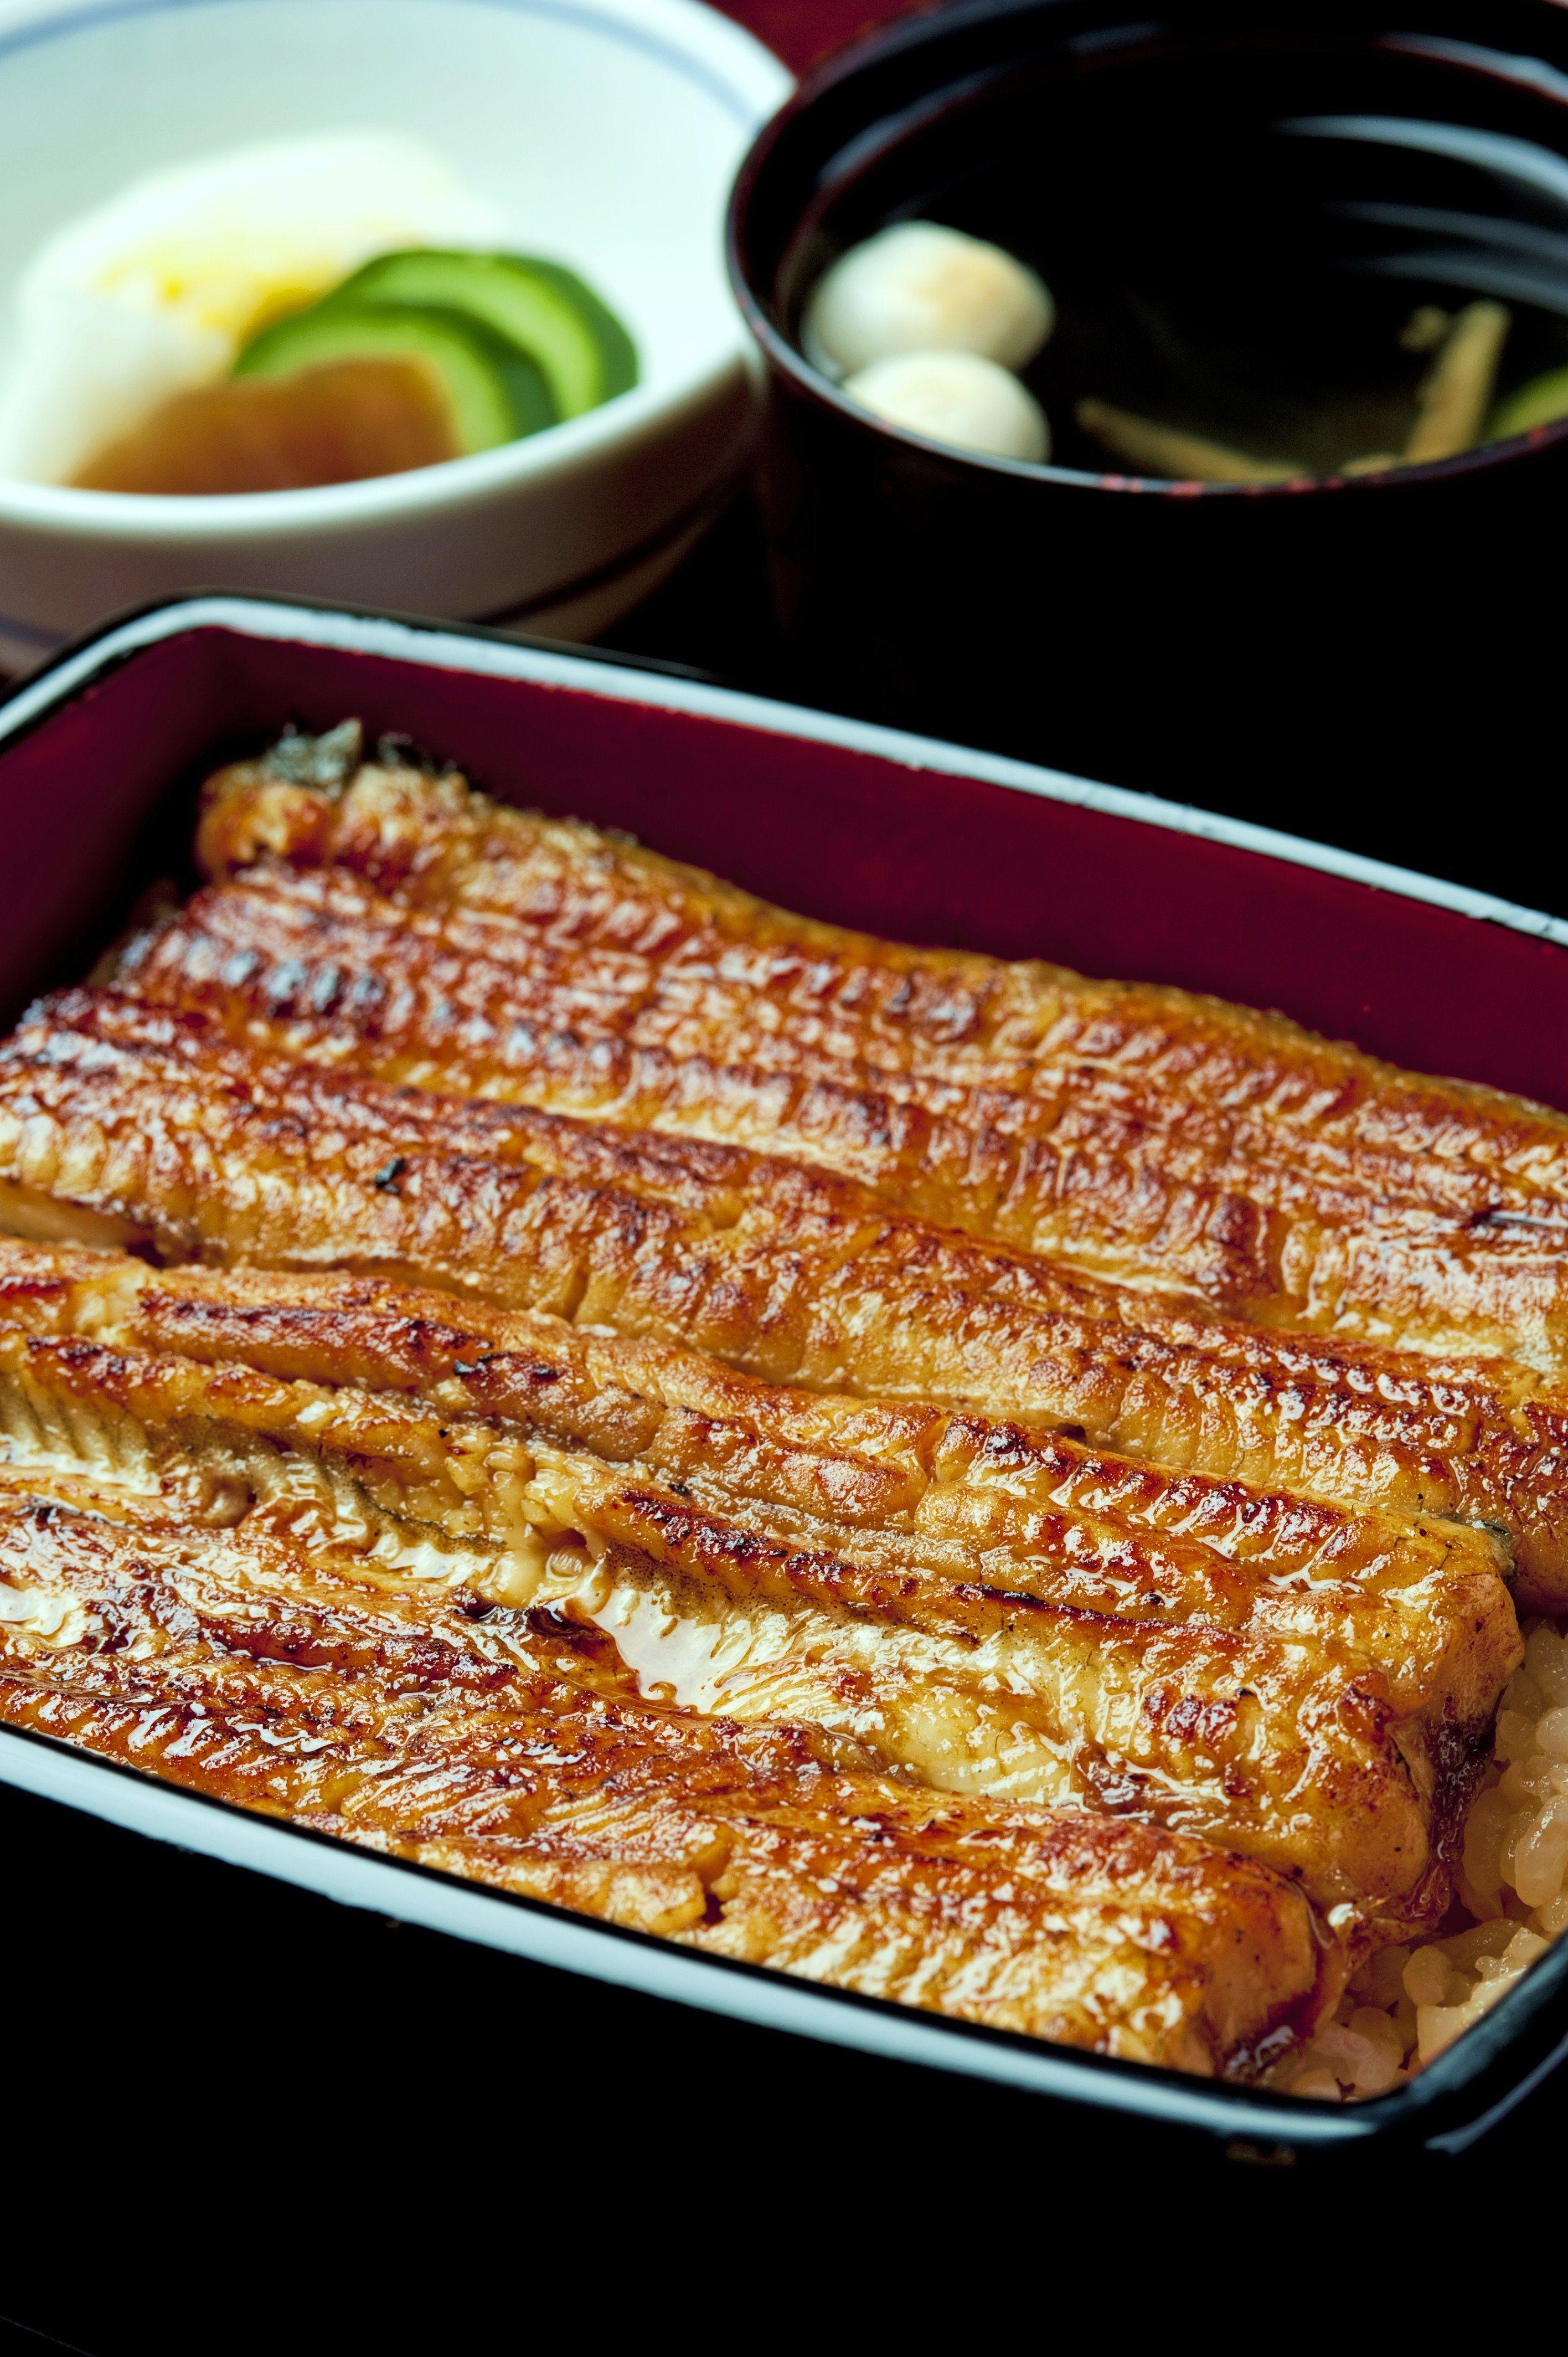 うな重 Unaju 小網町 喜代川 料理 レシピ 健康 レシピ